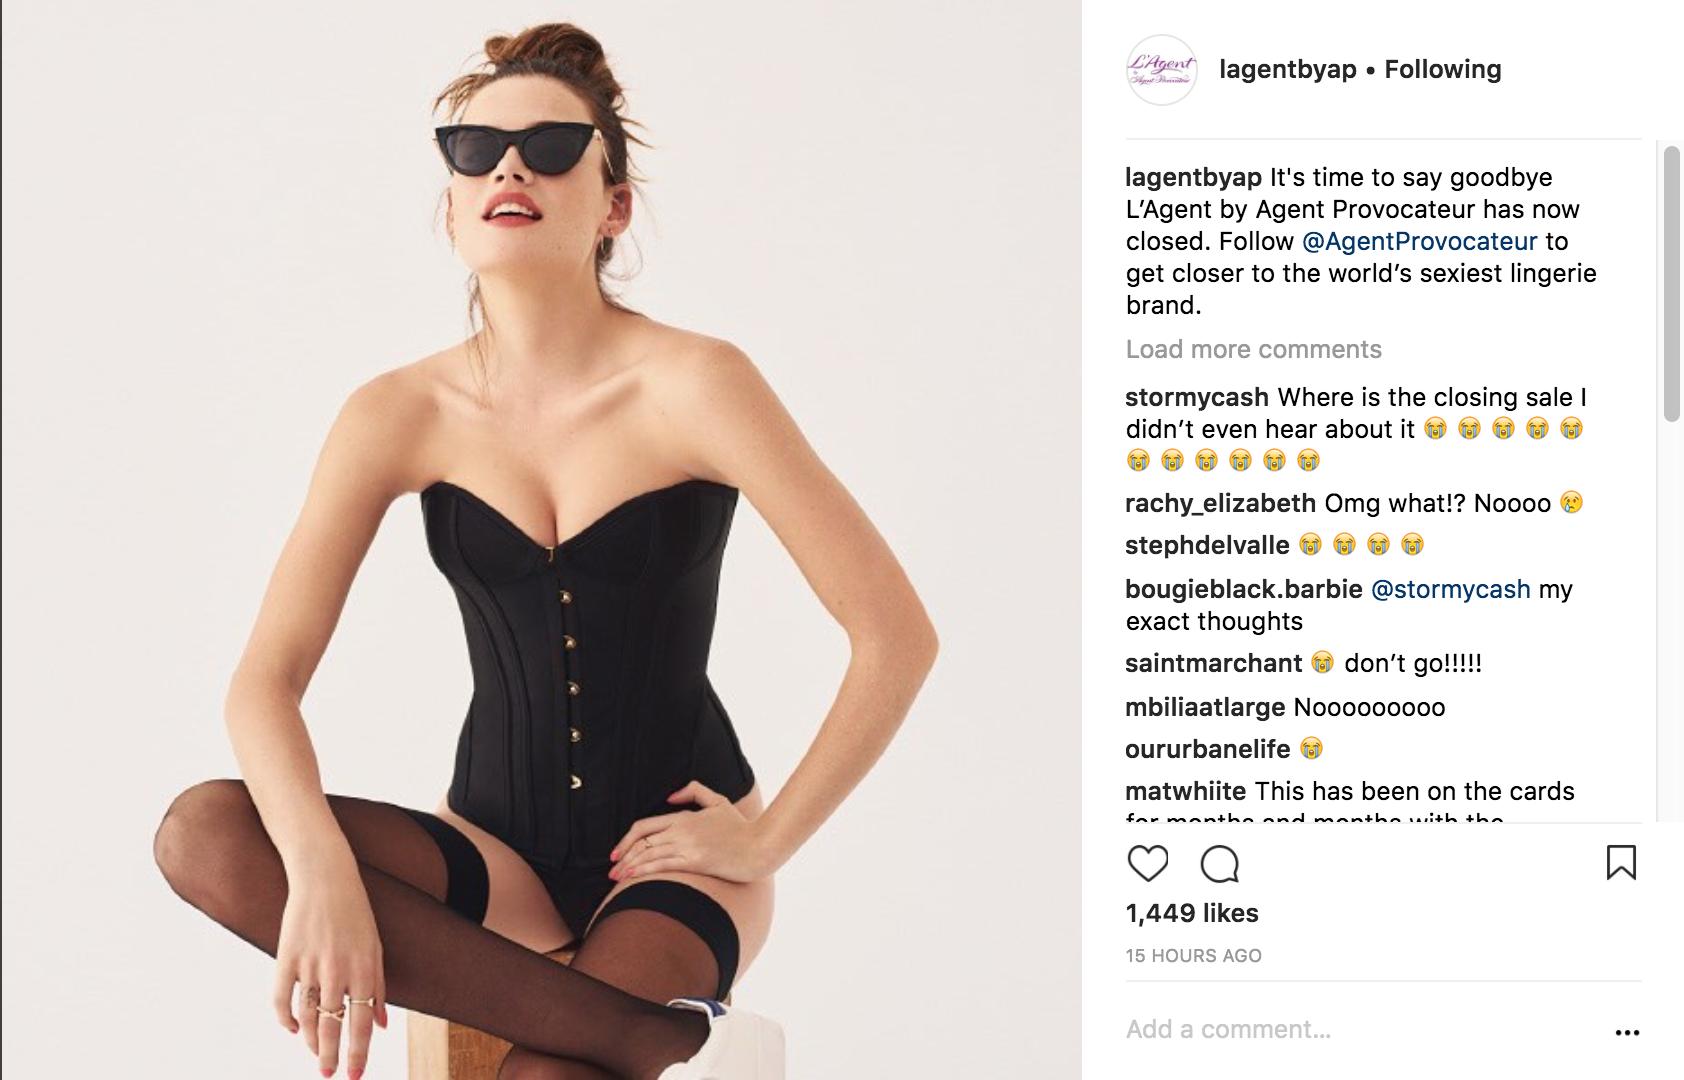 Бренд нижнего белья L'Agent by Agent Provocateur объявил о своём закрытии